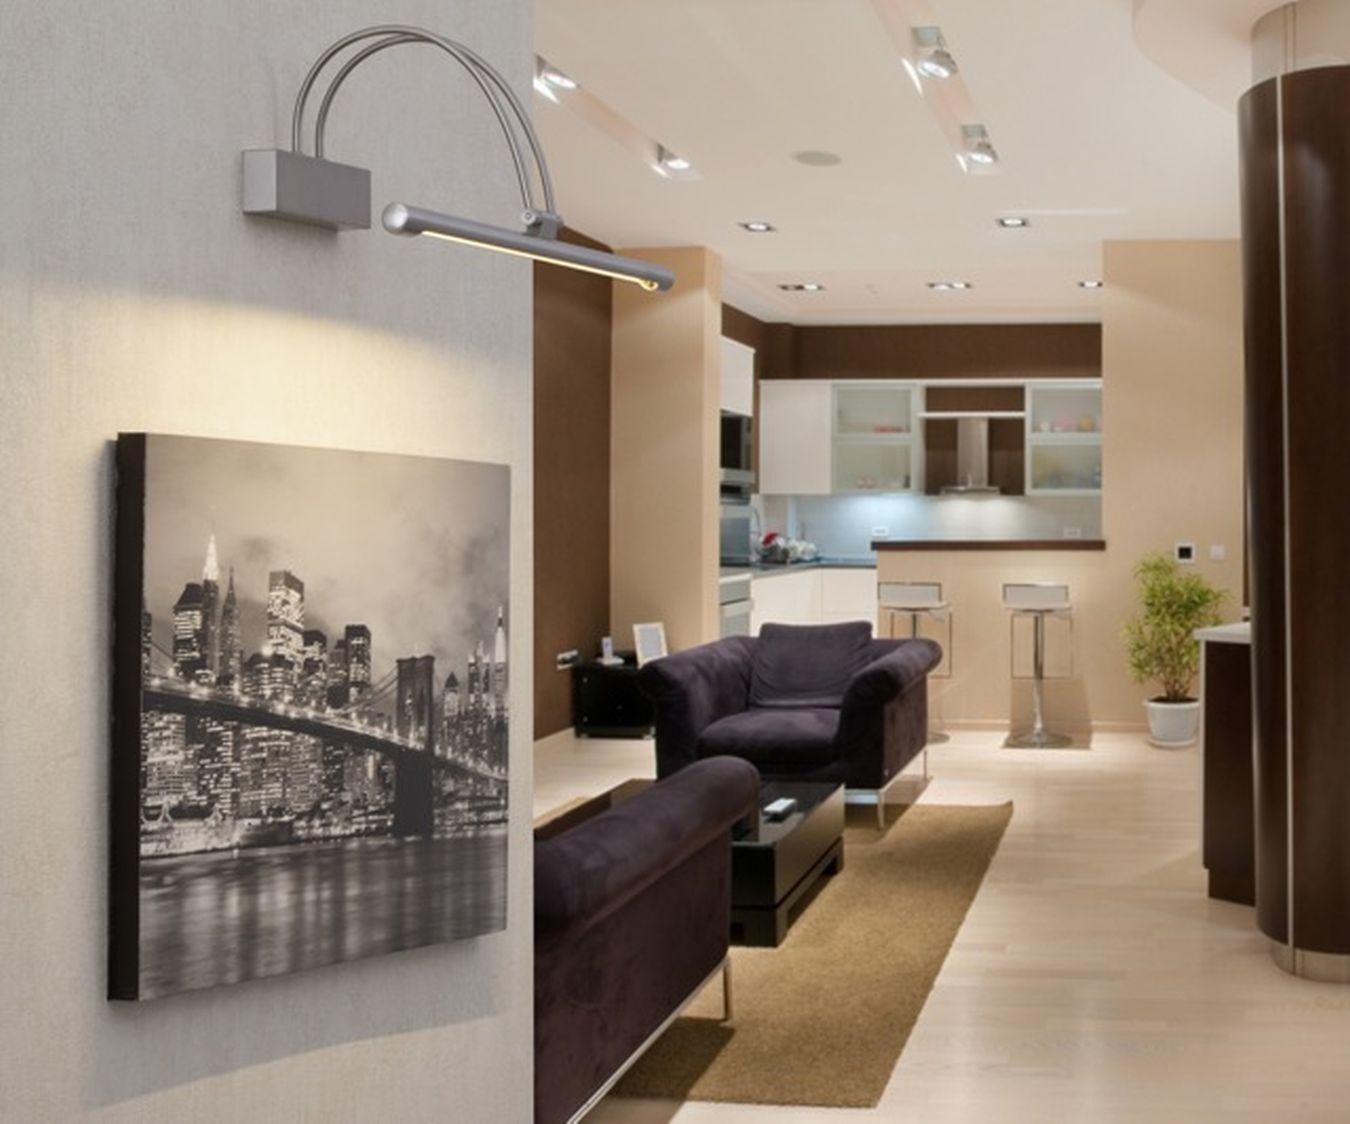 Lampara Aplique Para Iluminar Cuadros Con Led Tienda De Lamparas Ventiladores De Techo Decoracion Y Regalos Originales Ilum Home Decor Indoor Decor Design